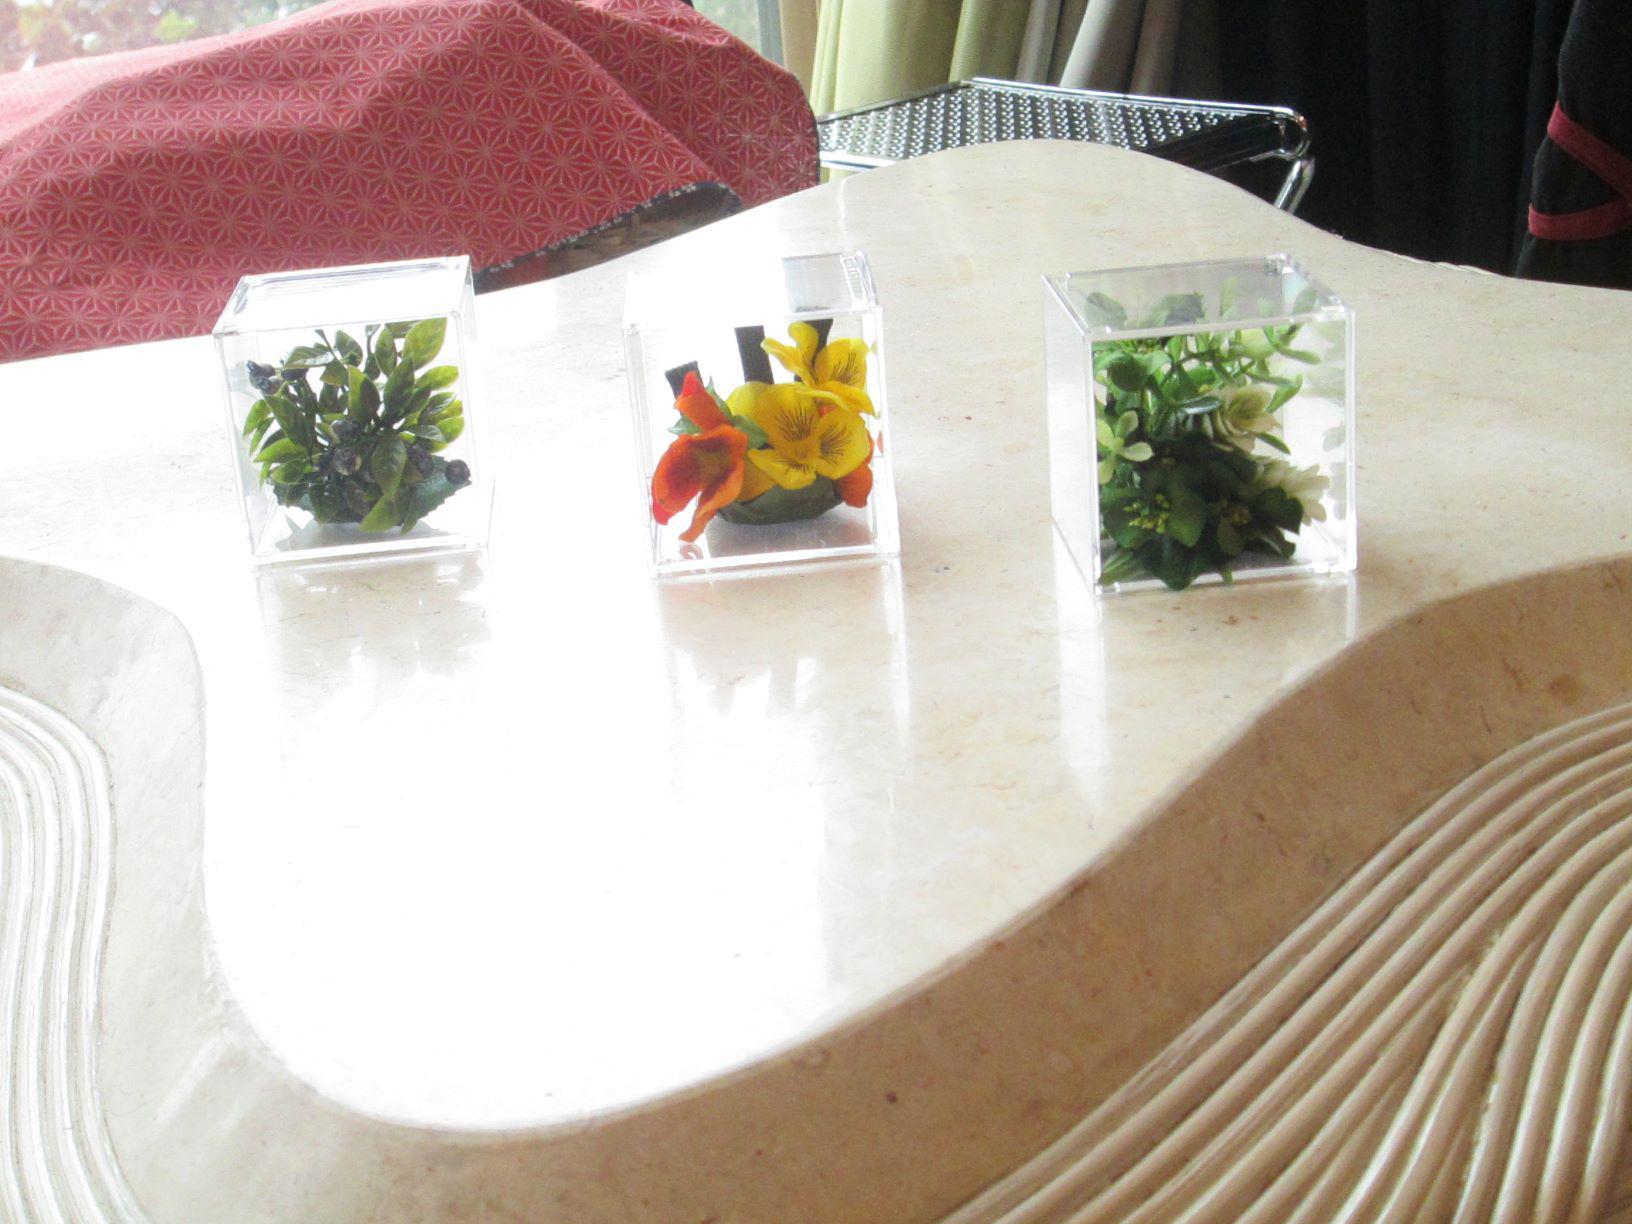 ピアノレッスンルームikoi用に飾り造花をレンタル依頼しました